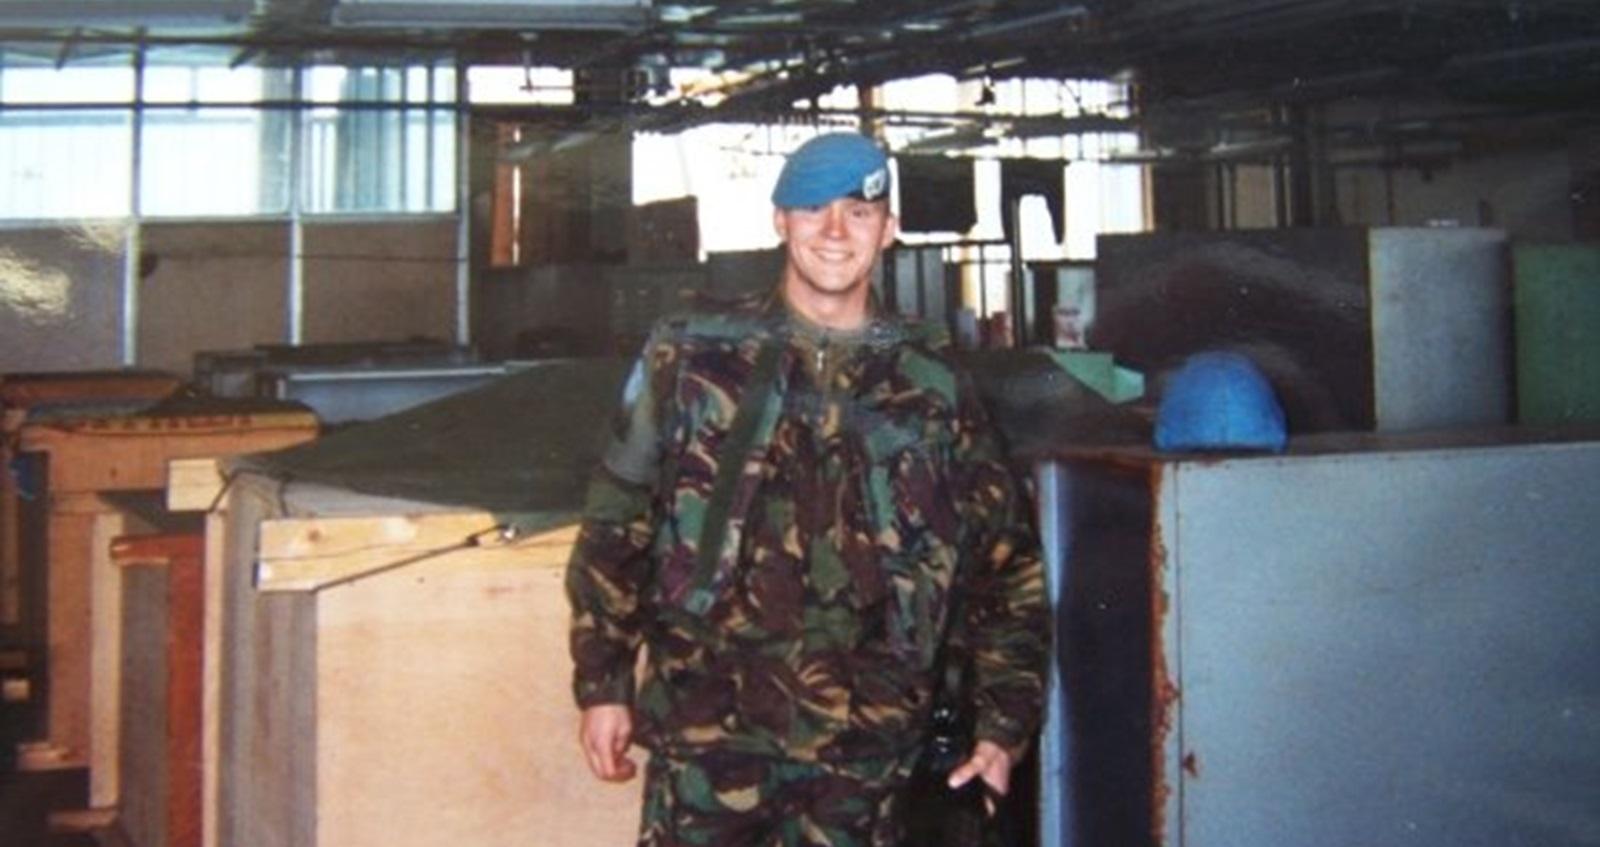 Matt standing in his uniform in Bosnia.